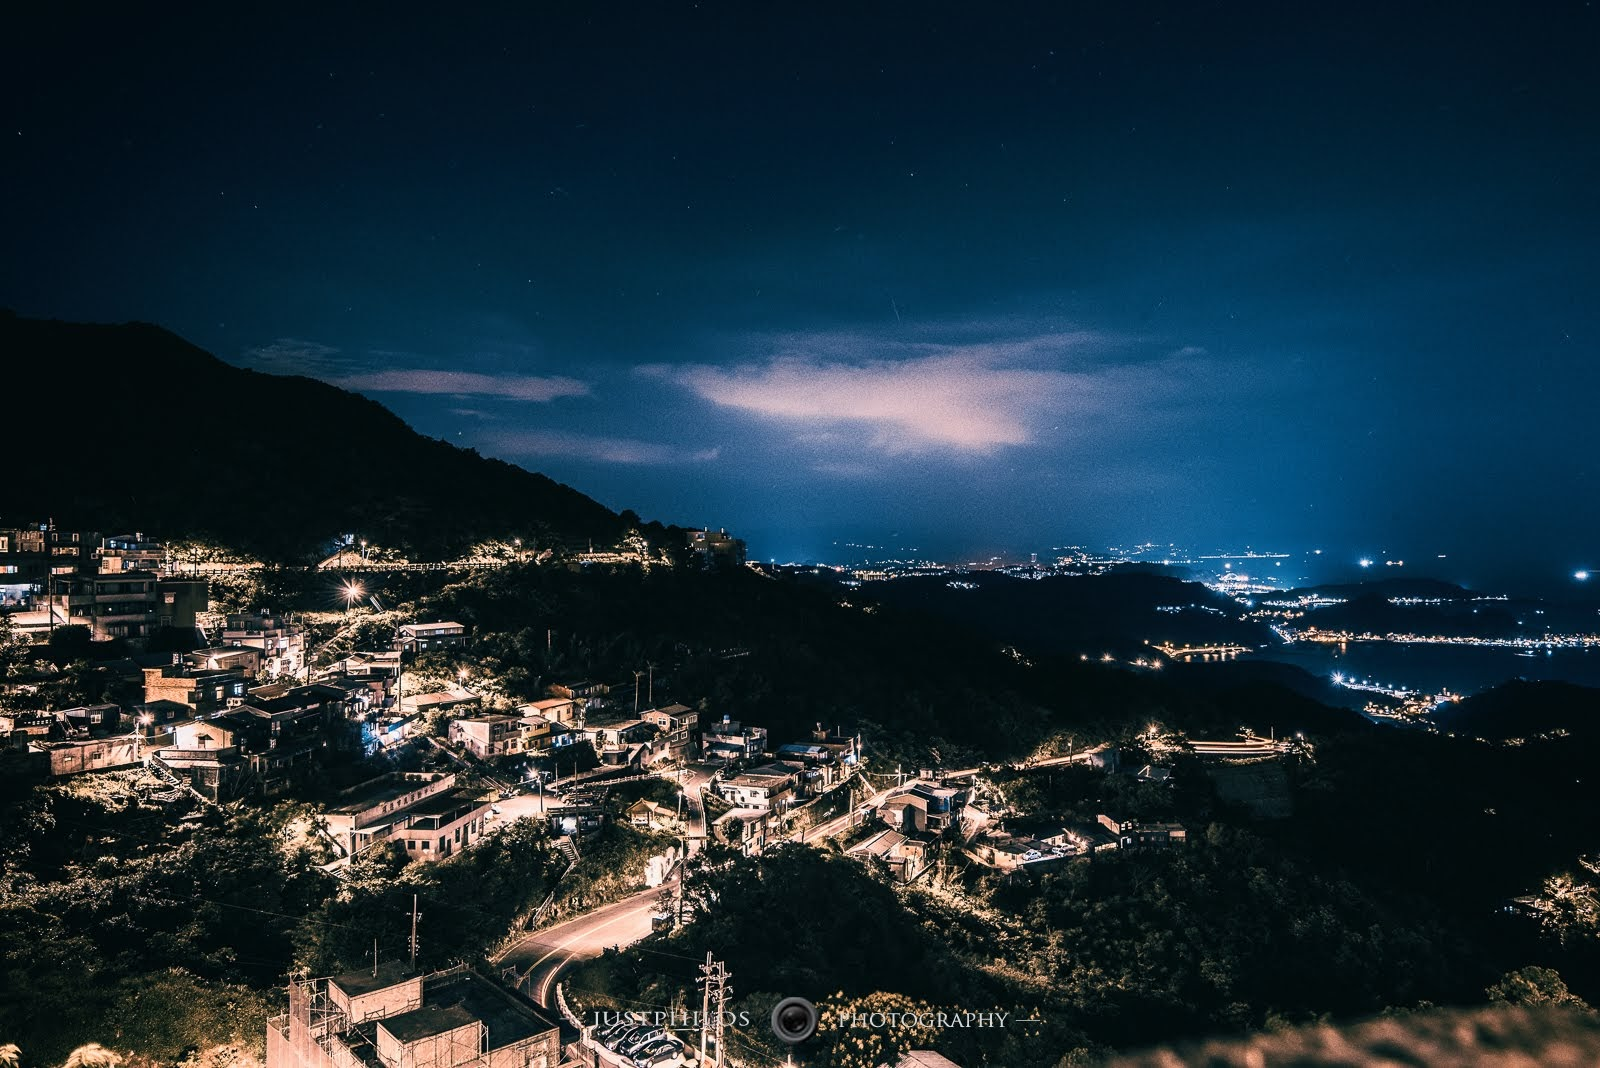 夜晚從九份眺望九份山城與北海岸夜景相當壯觀美麗。